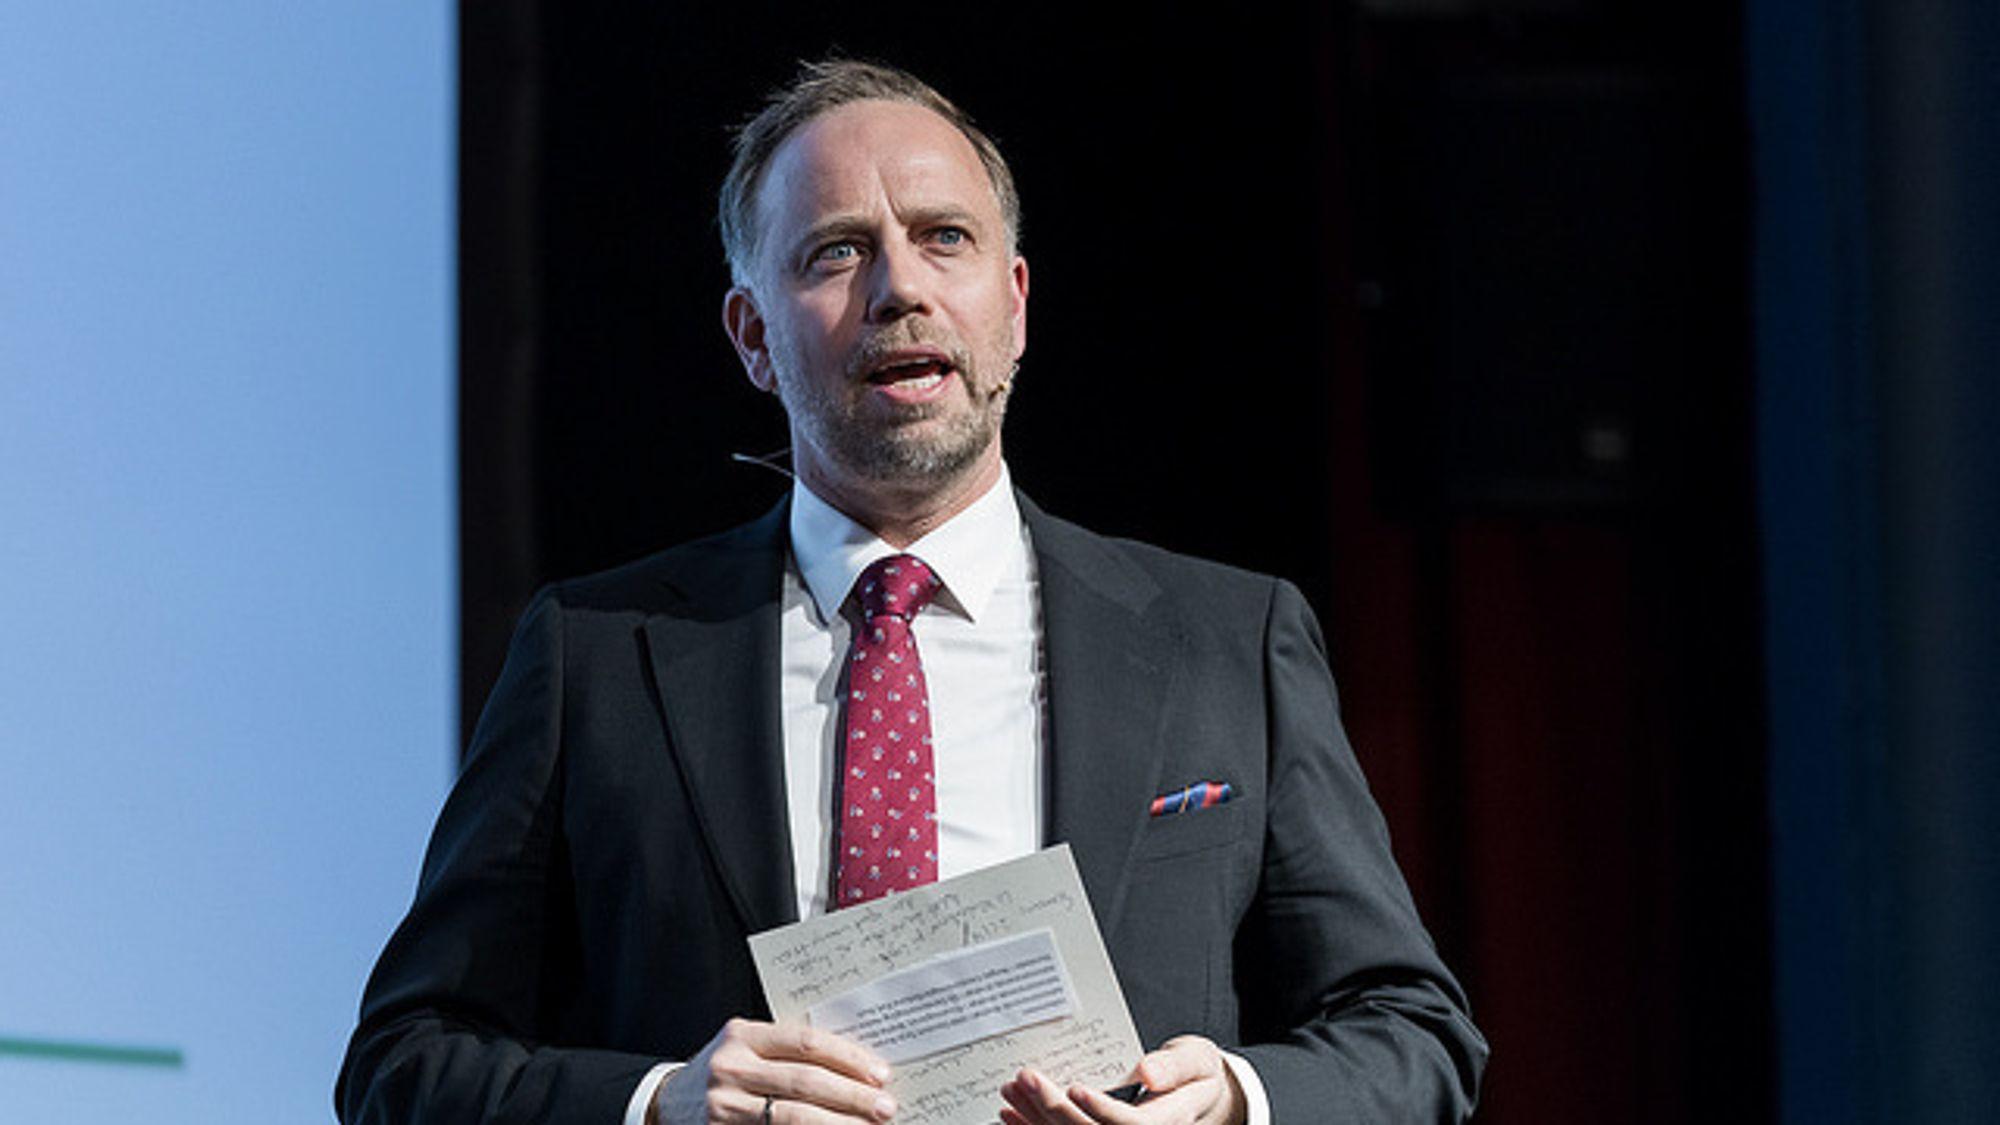 Administrerende direktør Christian Vammervold Dreyer i Eiendom Norge la fram boligprisstatistikken for juni onsdag formiddag. Boligprisene har holdt seg omtrent uendret siden måneden før.